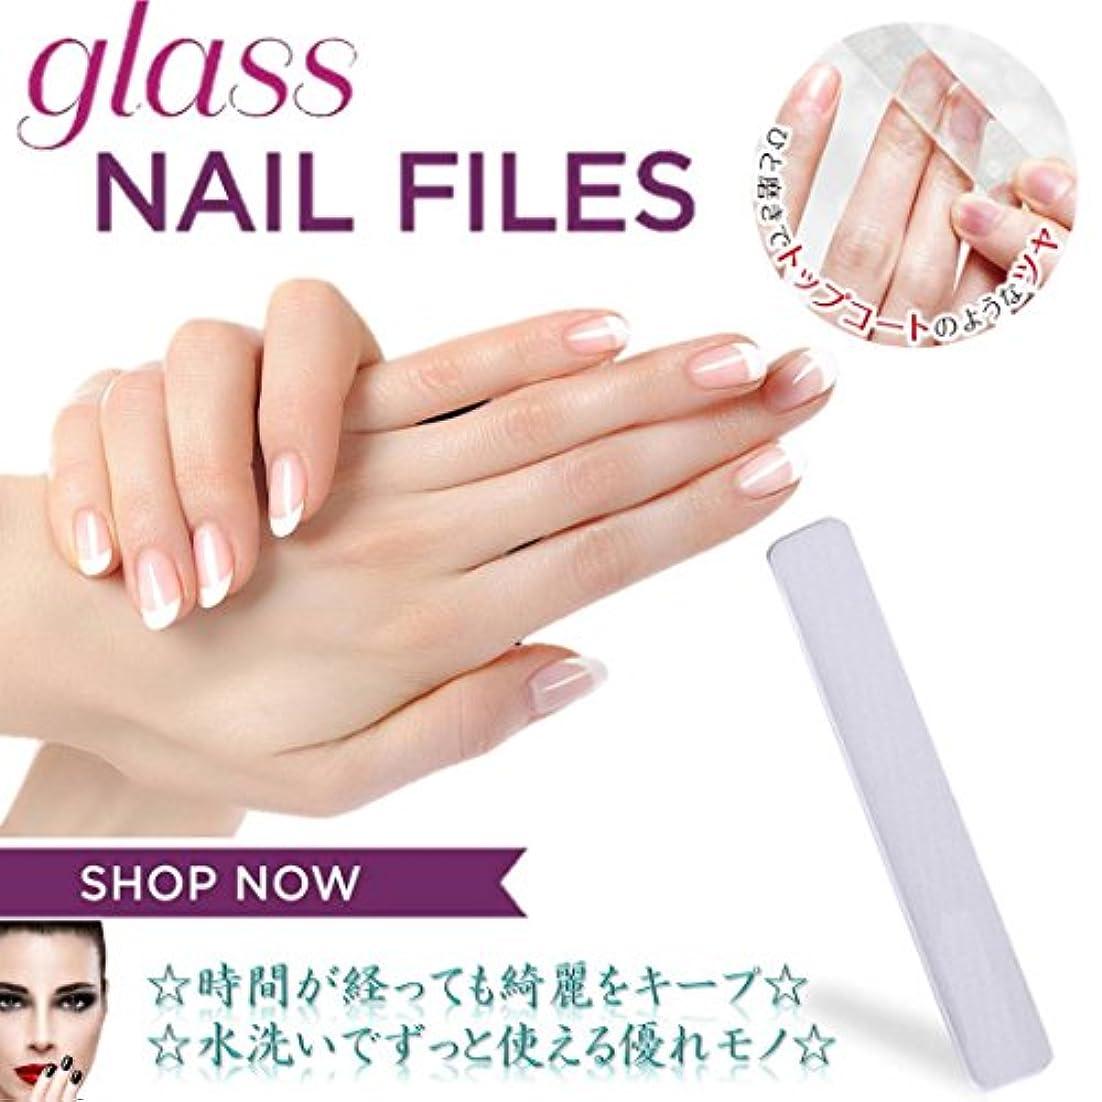 合理的チョップ家主MNoel ガラス爪磨き 韓国ナノテクノロジー ガラス爪やすり 水洗いで何度も使える ツメミガキ ネイルケア用 爪磨きシート ケース付き 男女兼用